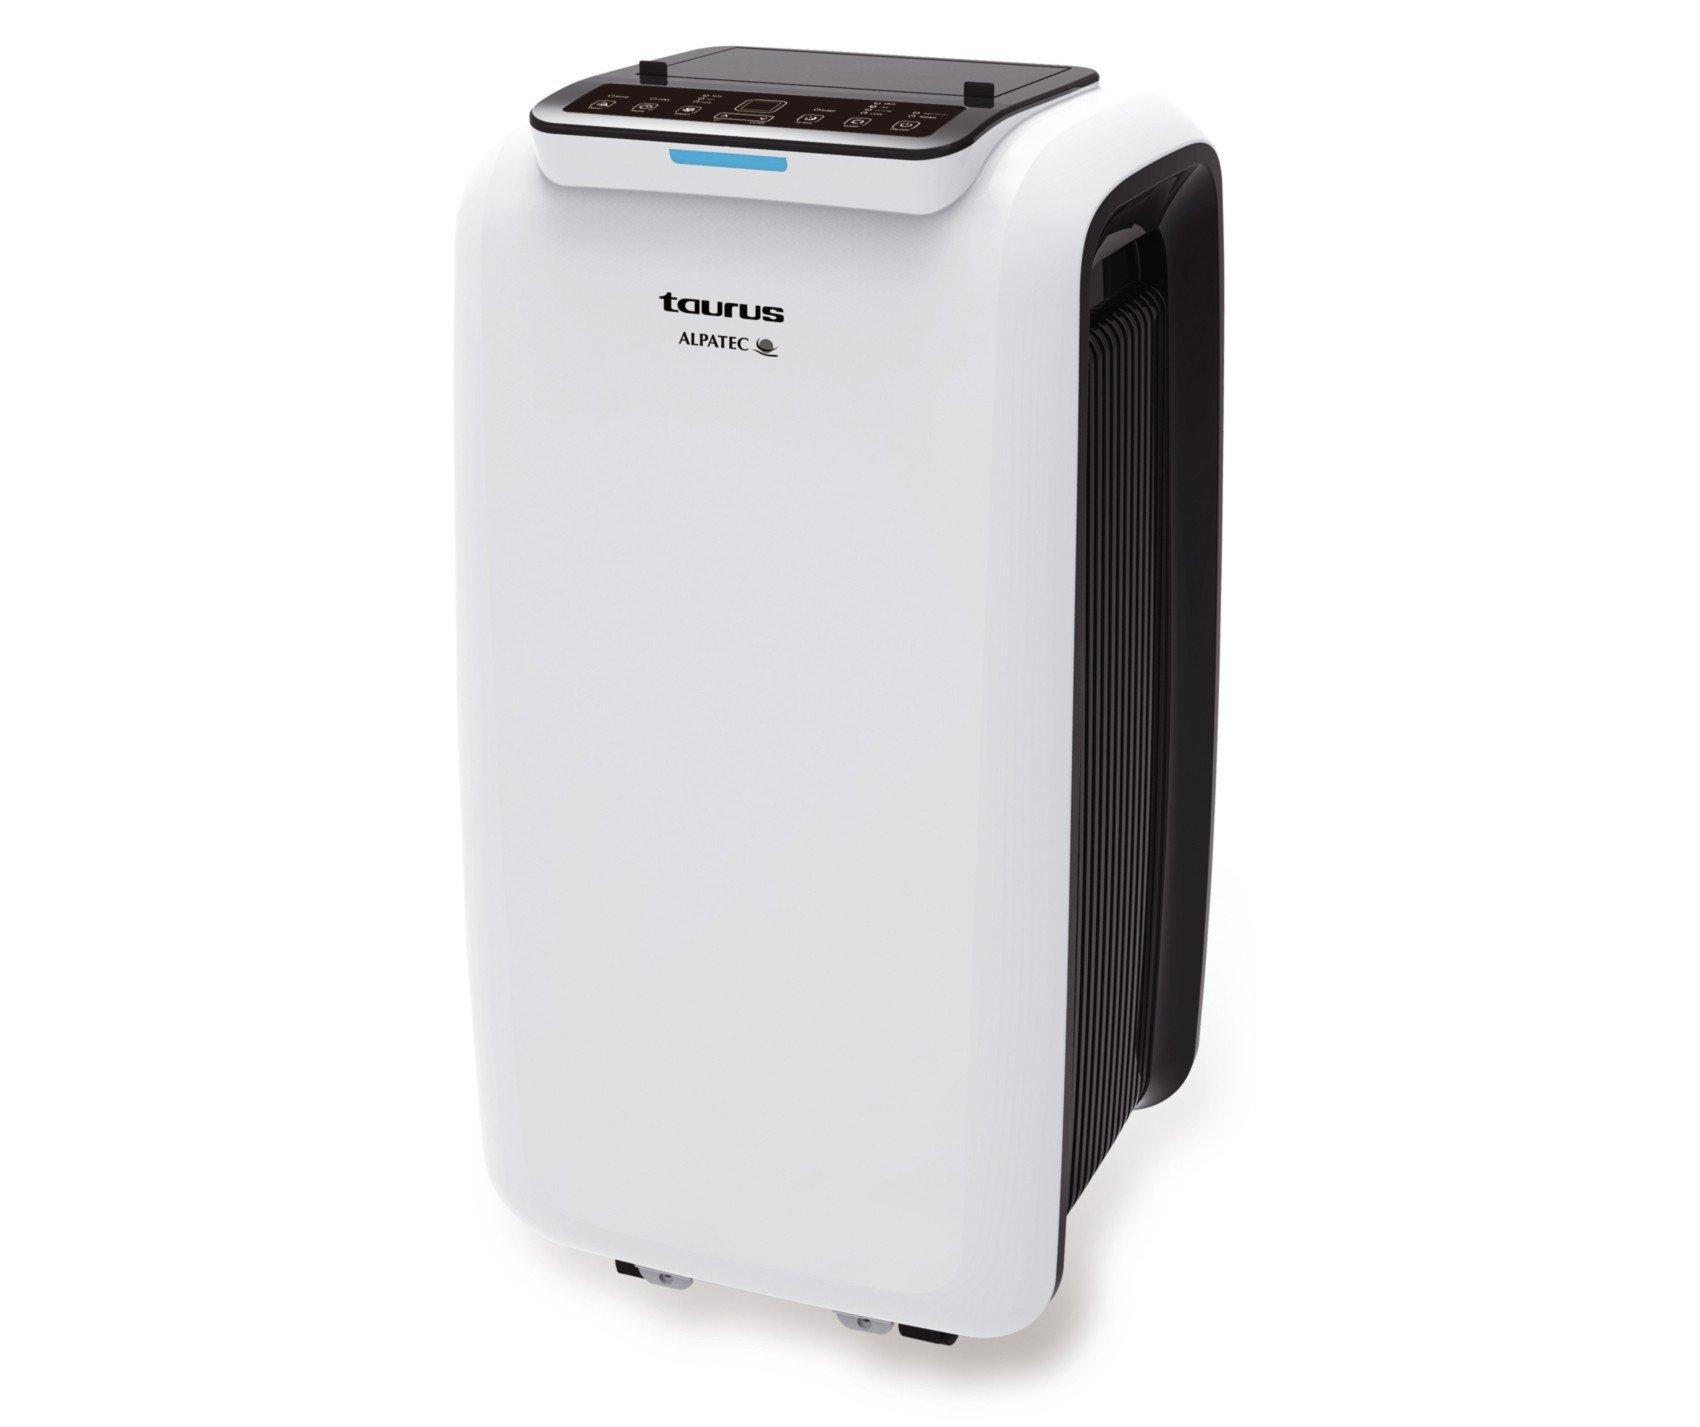 Taurus 280KT–Climatiseur portable, 990W, 3vitesses de ventilation, minuteur 24heures, blanc product image